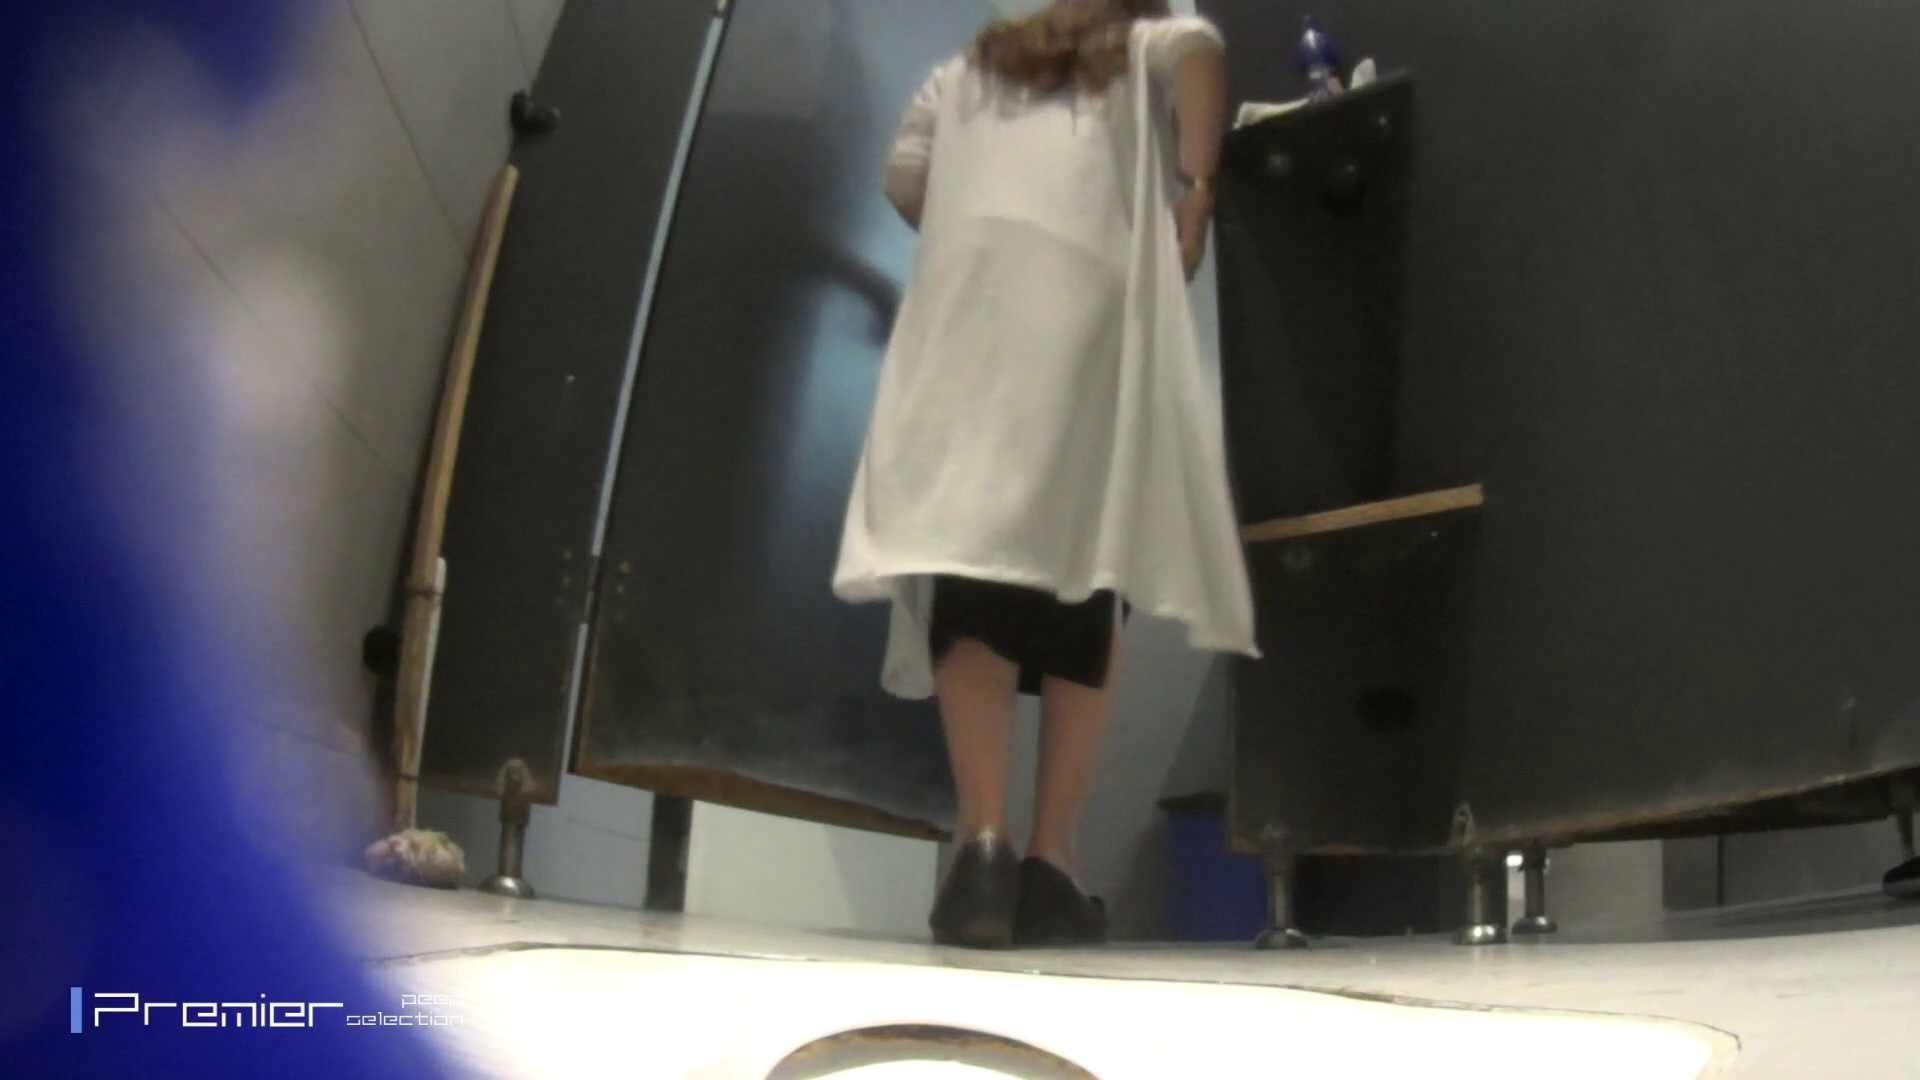 色白美女の洗面所 大学休憩時間の洗面所事情51 細身体型 AV無料 86枚 7